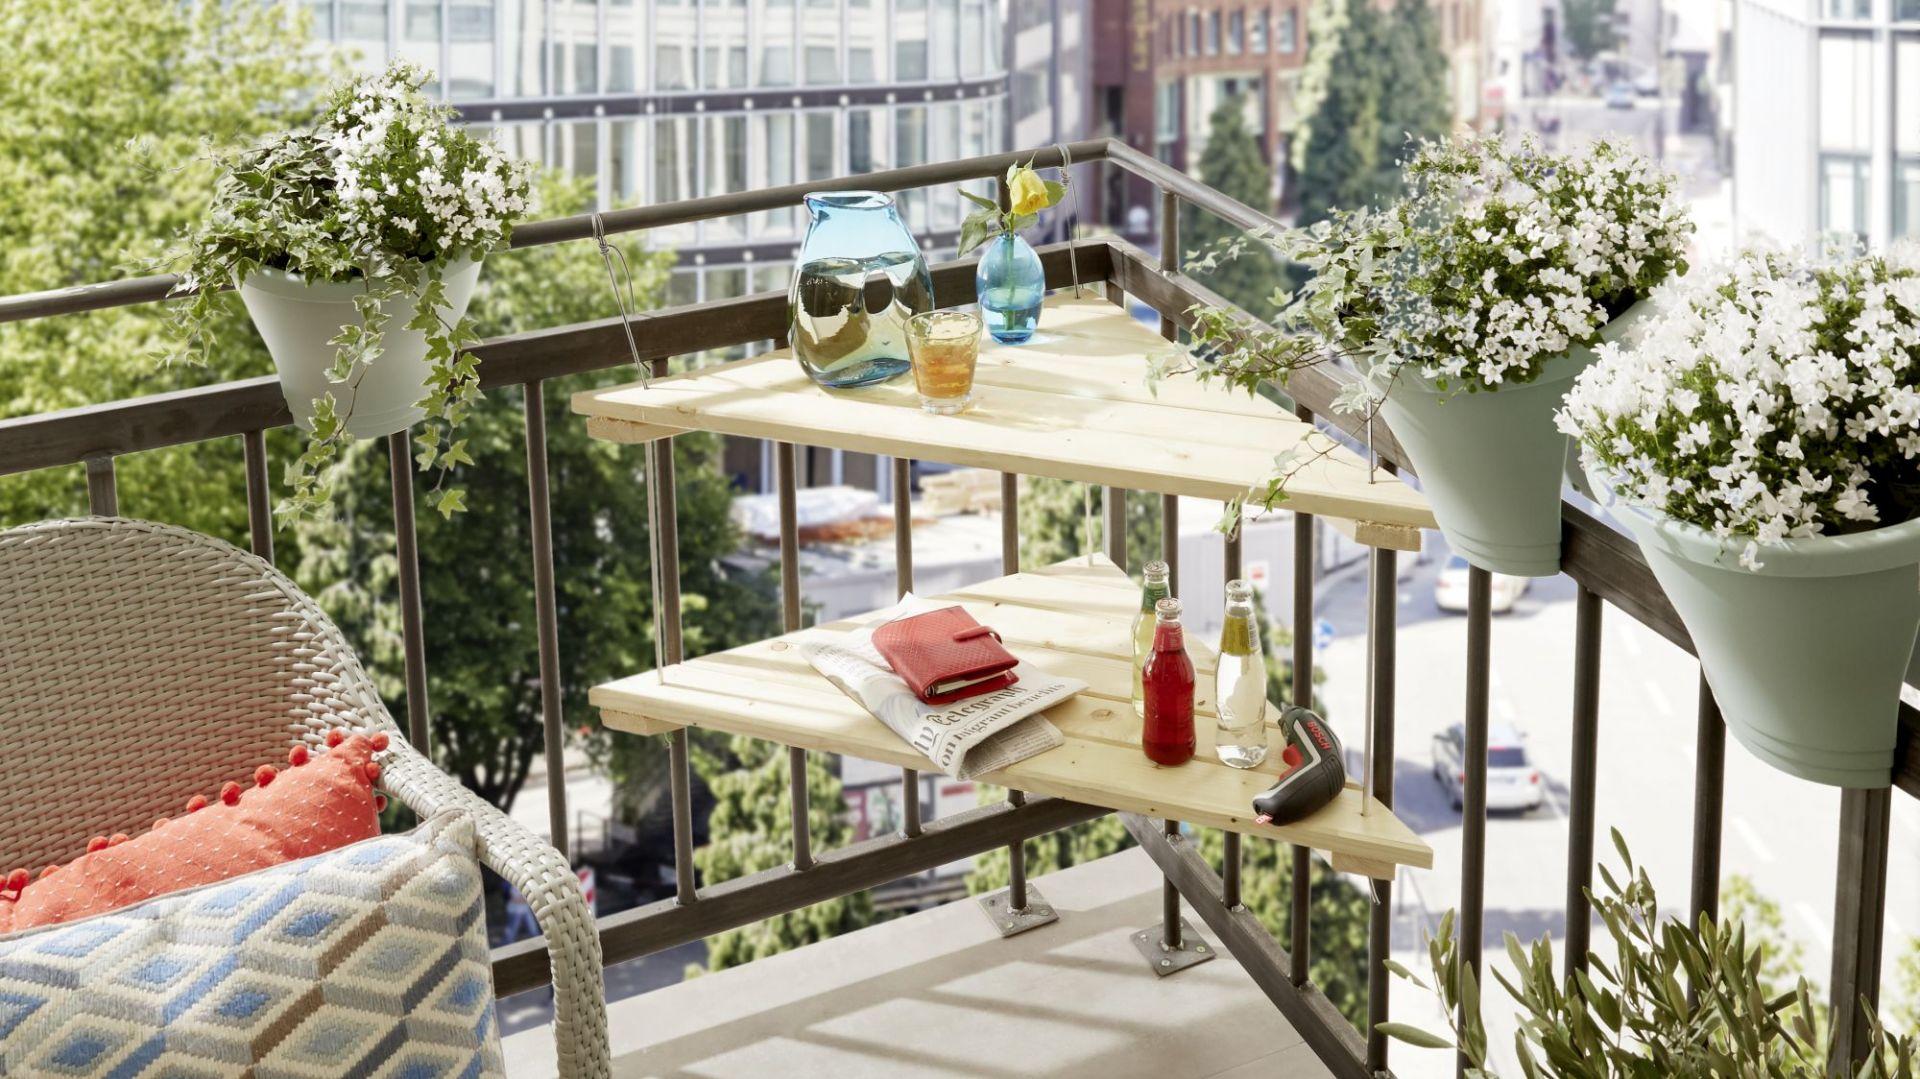 Kształt i wymiary naszego stolika (wysokość ok. 30 cm / długość boków ok. 90 x 66 x 66 cm) zostały tak przemyślane, aby zmieścił się w każdym narożniku. Fot. Bosch